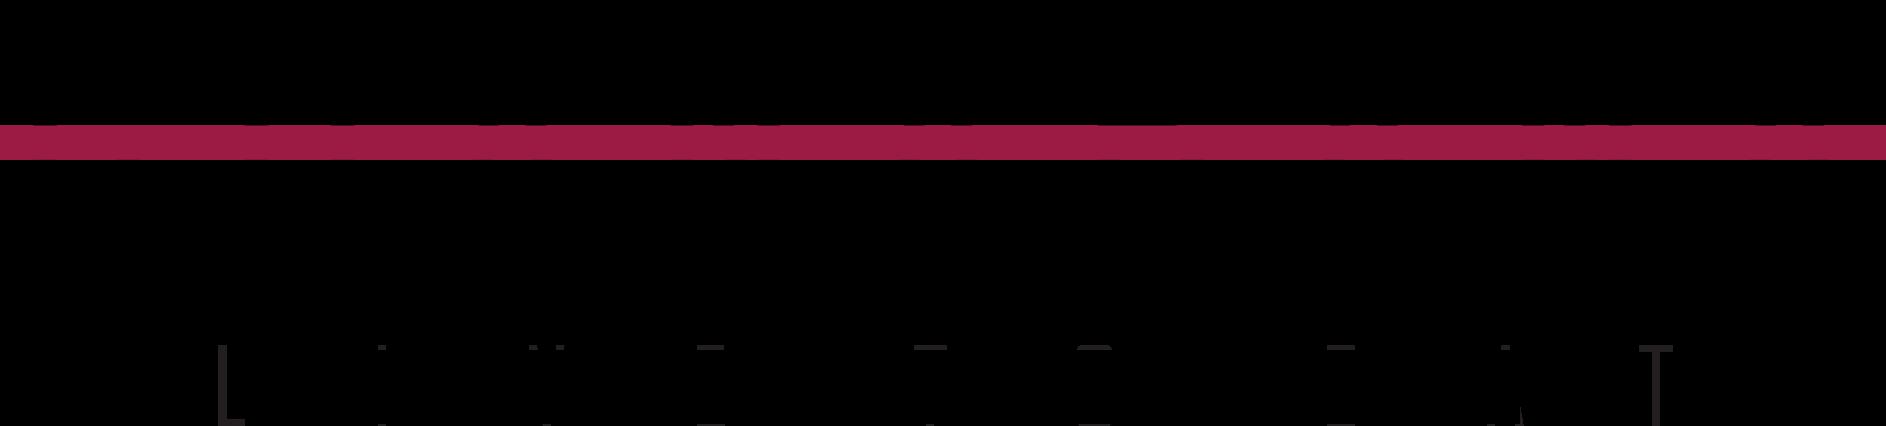 guanabana-house-menu-logo.png